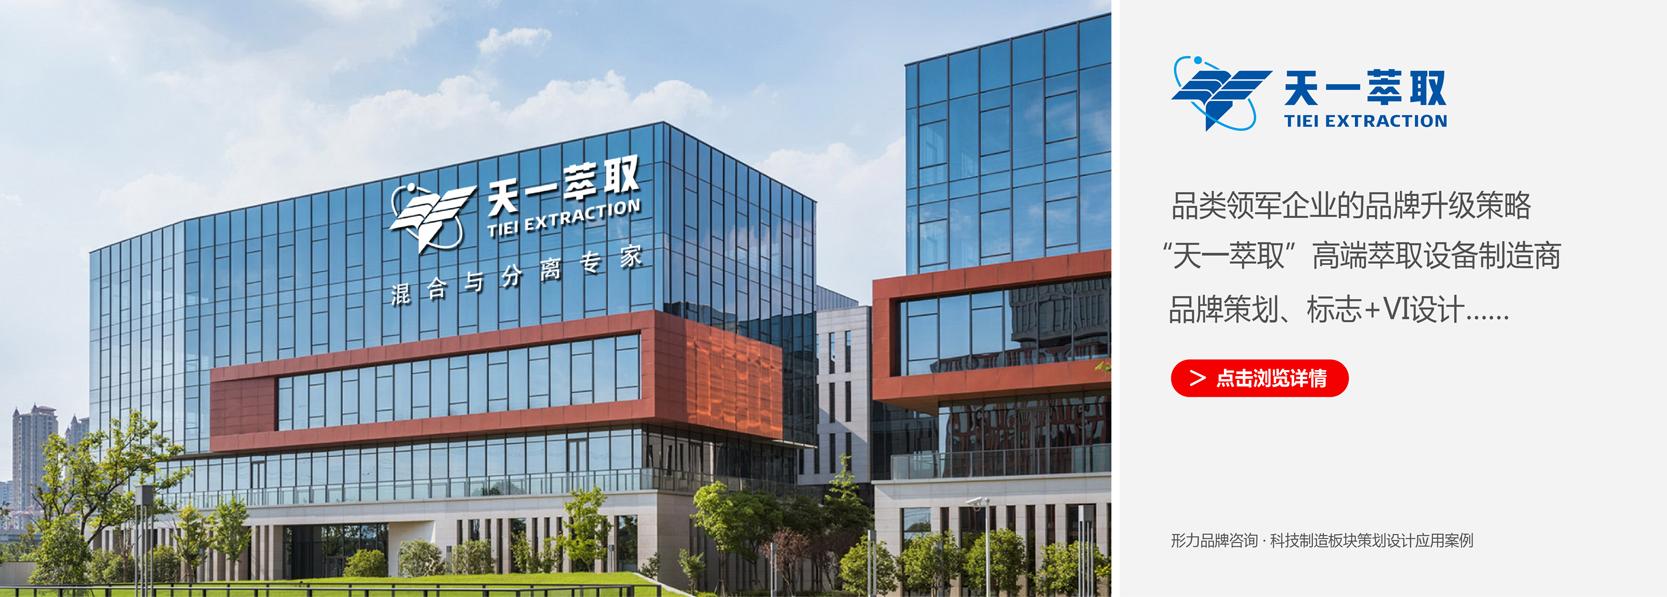 郑州品牌设计案例-天一萃取科技公司